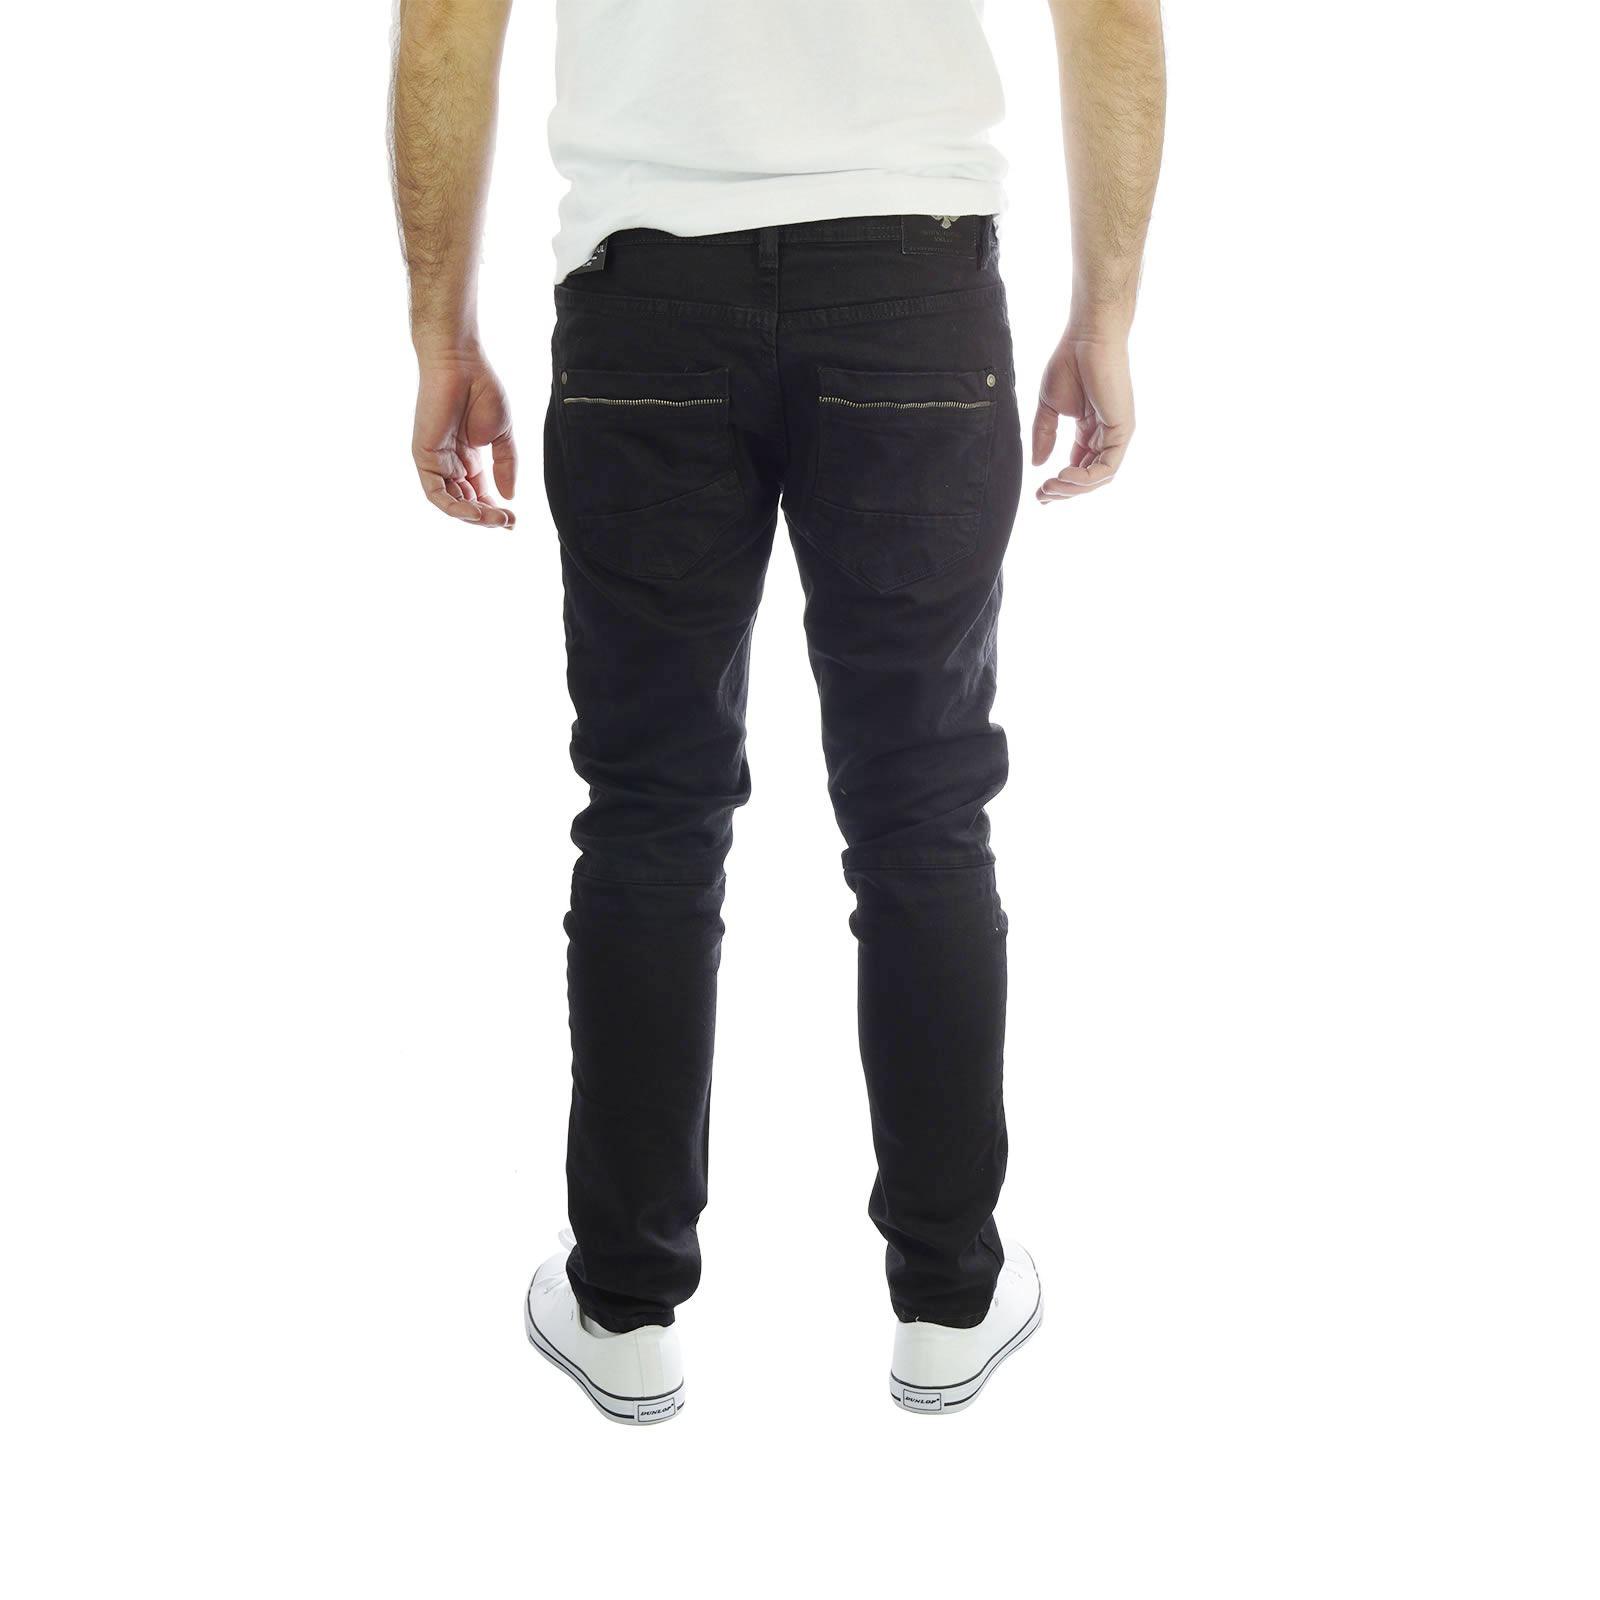 Alma Valiente Giratorio Para Hombres Jeans Estrechos Elastizados Negro Estilo Motero Pantalones De Mezclilla Ebay